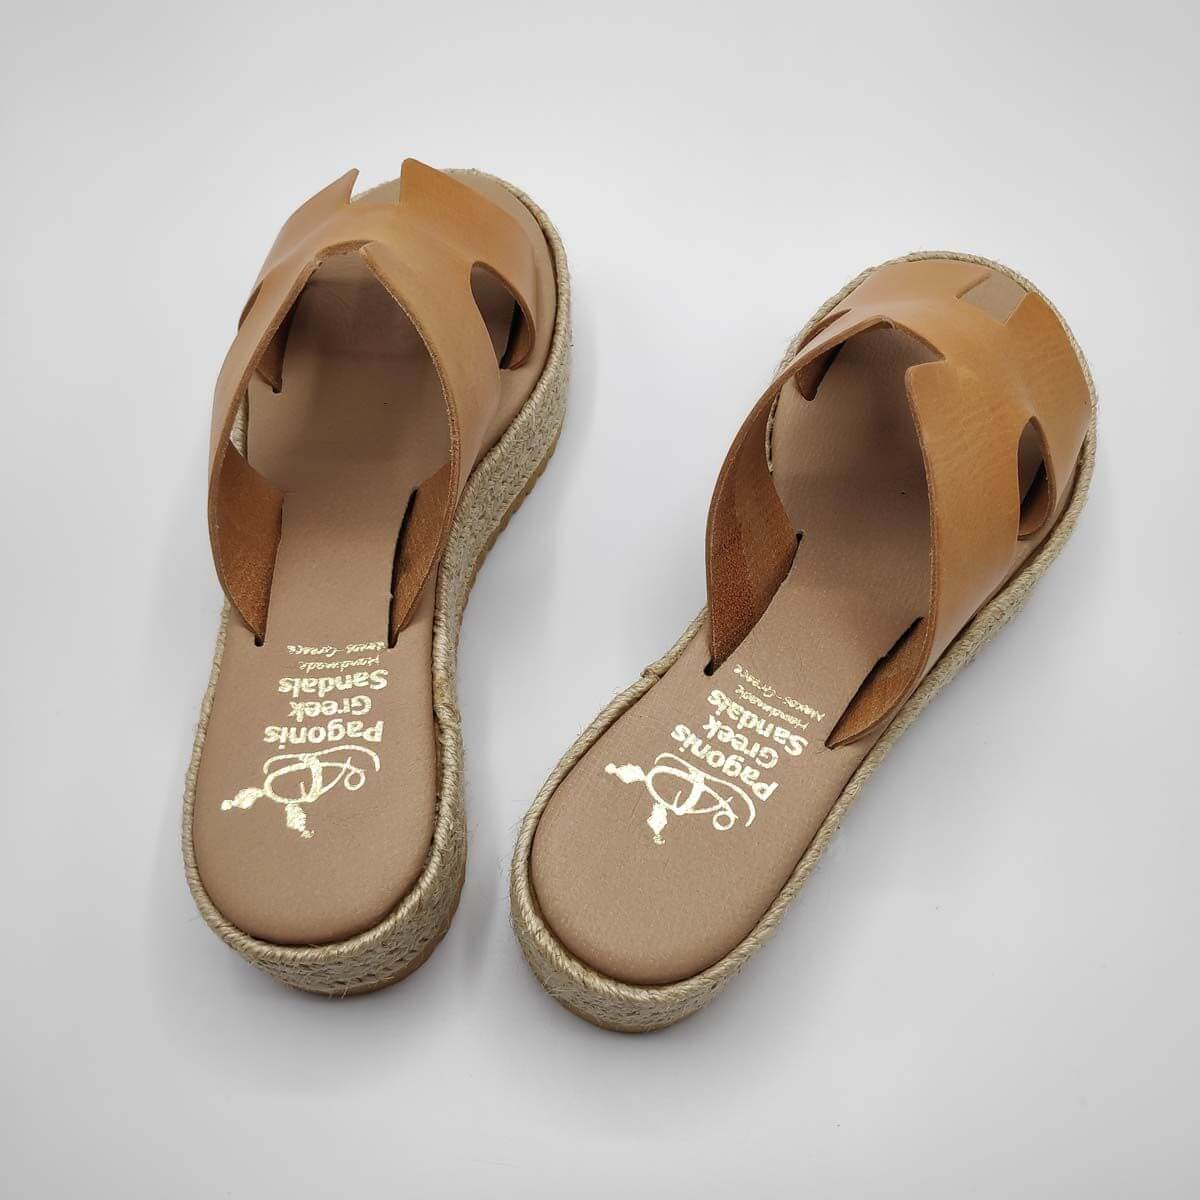 Hermes Slides Leather Platform Sandals